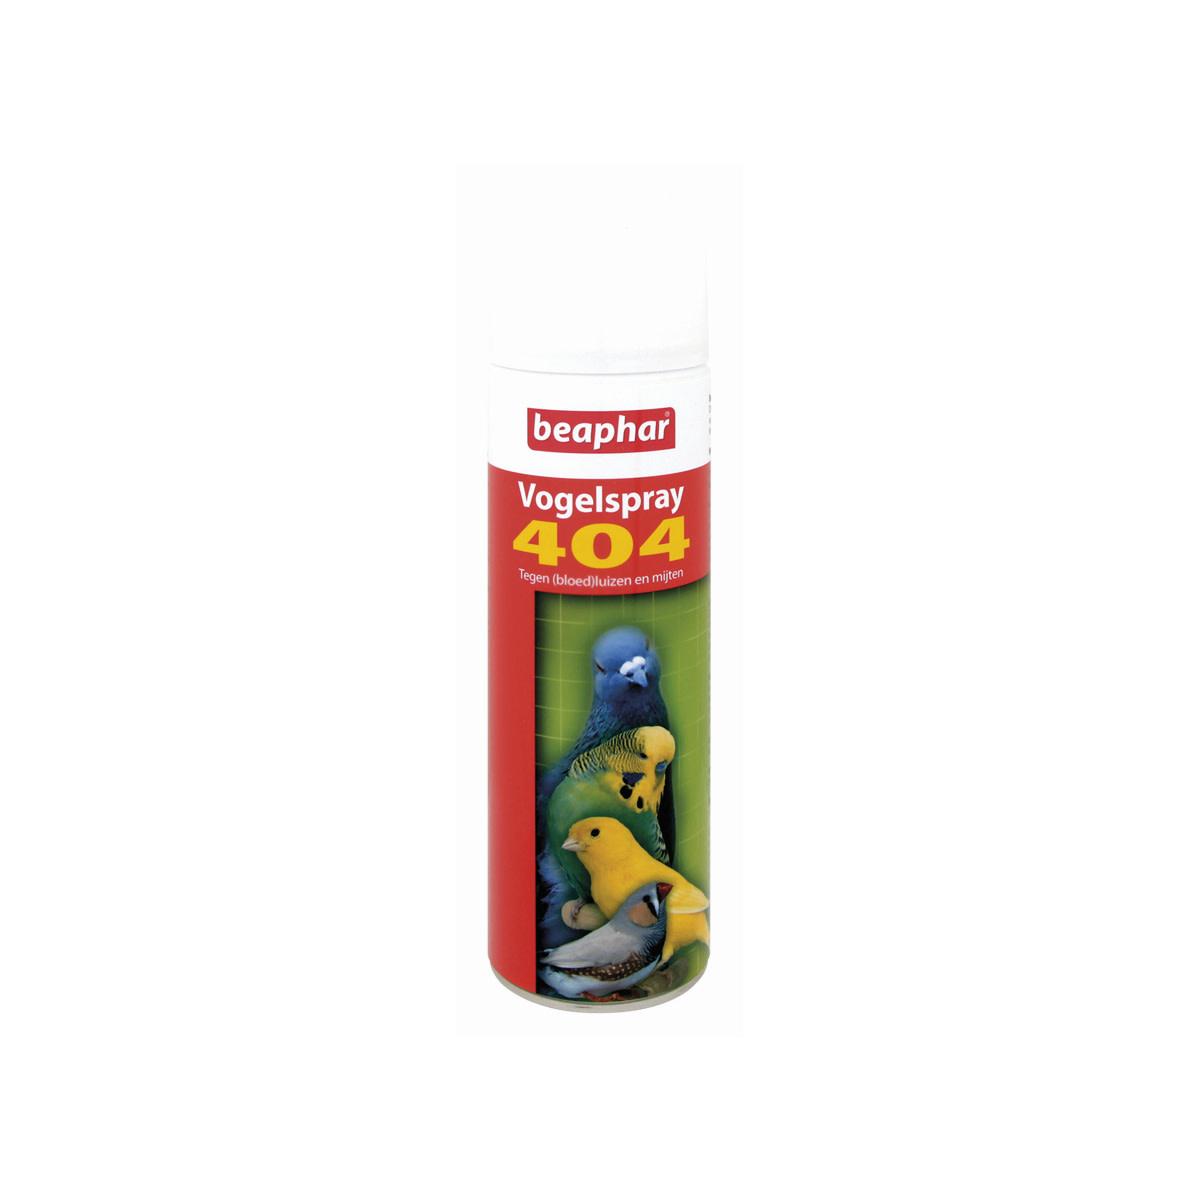 Beaphar BEAPHAR - 404 VOGELSPRAY 500 ML